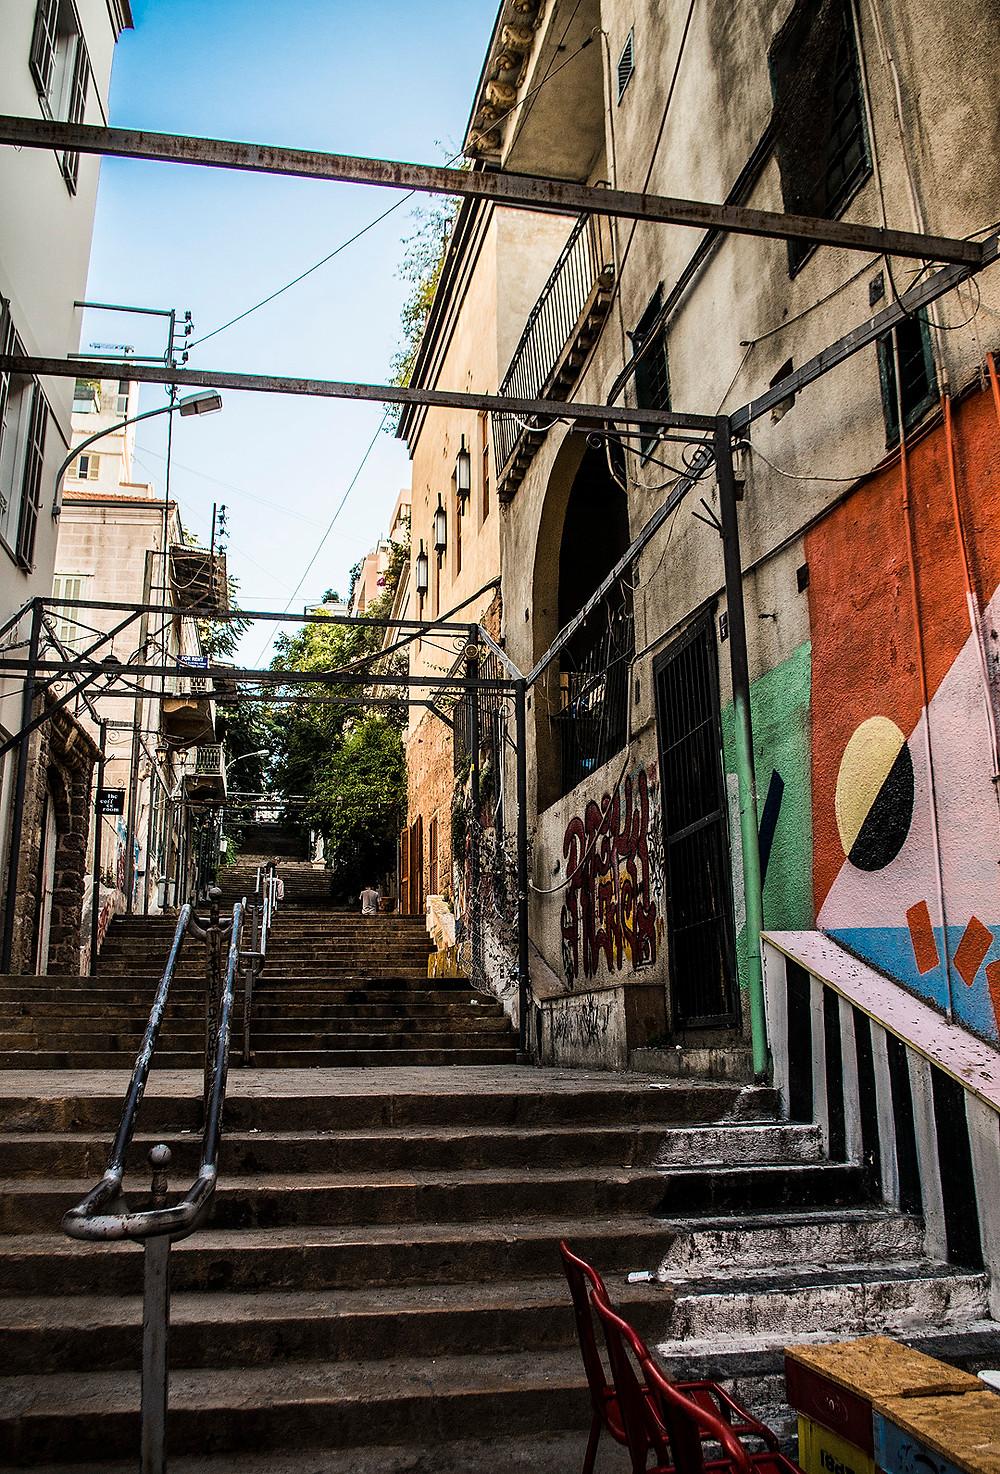 St. Nicholas Stairs, Beirut, Lebanon